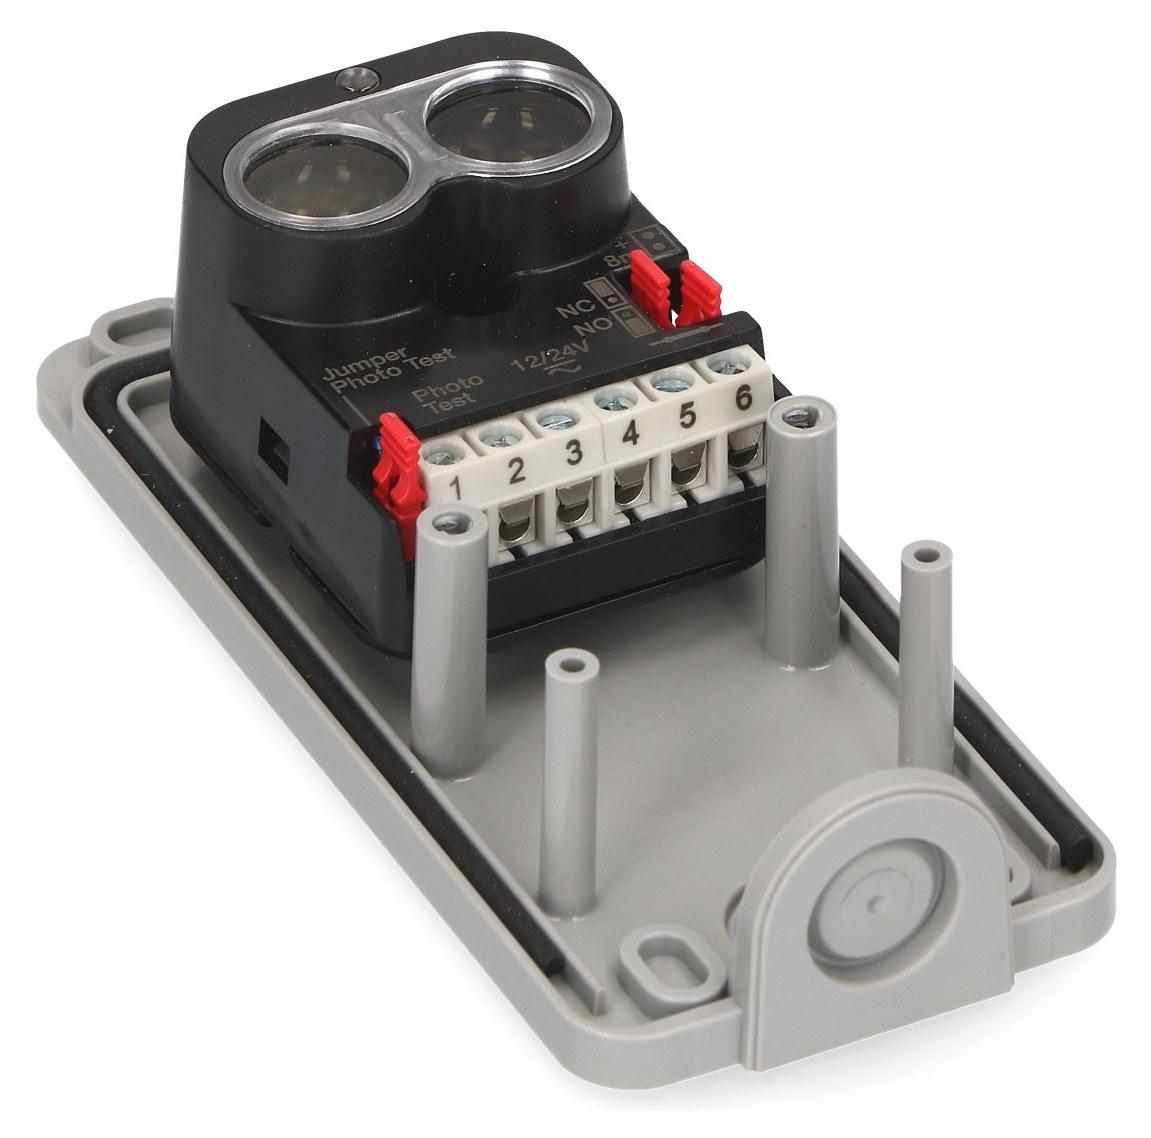 Rozkręcona fotokomórka EPMOR